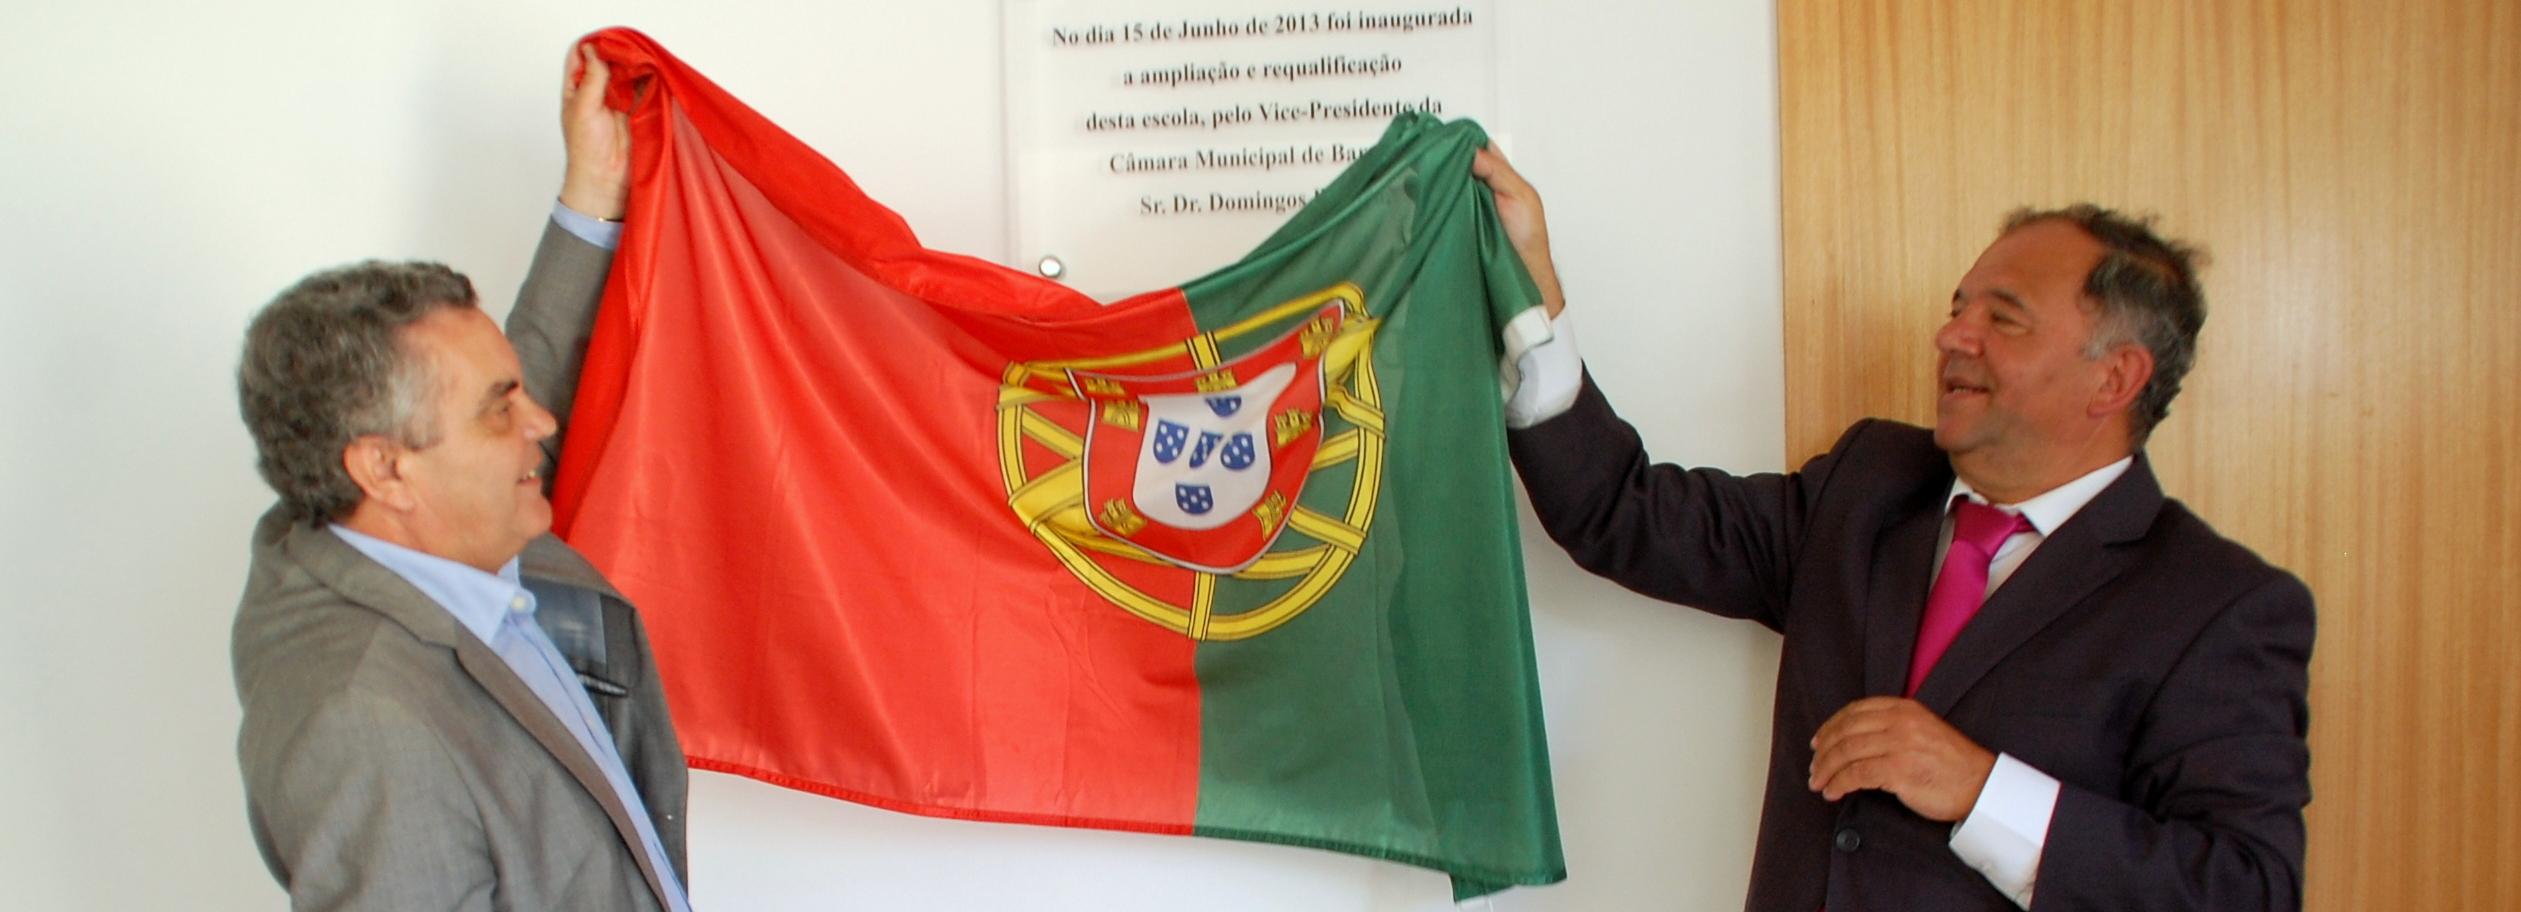 Vice presidente da Câmara inaugurou ampliação e requalificação da EB1 de Alheira